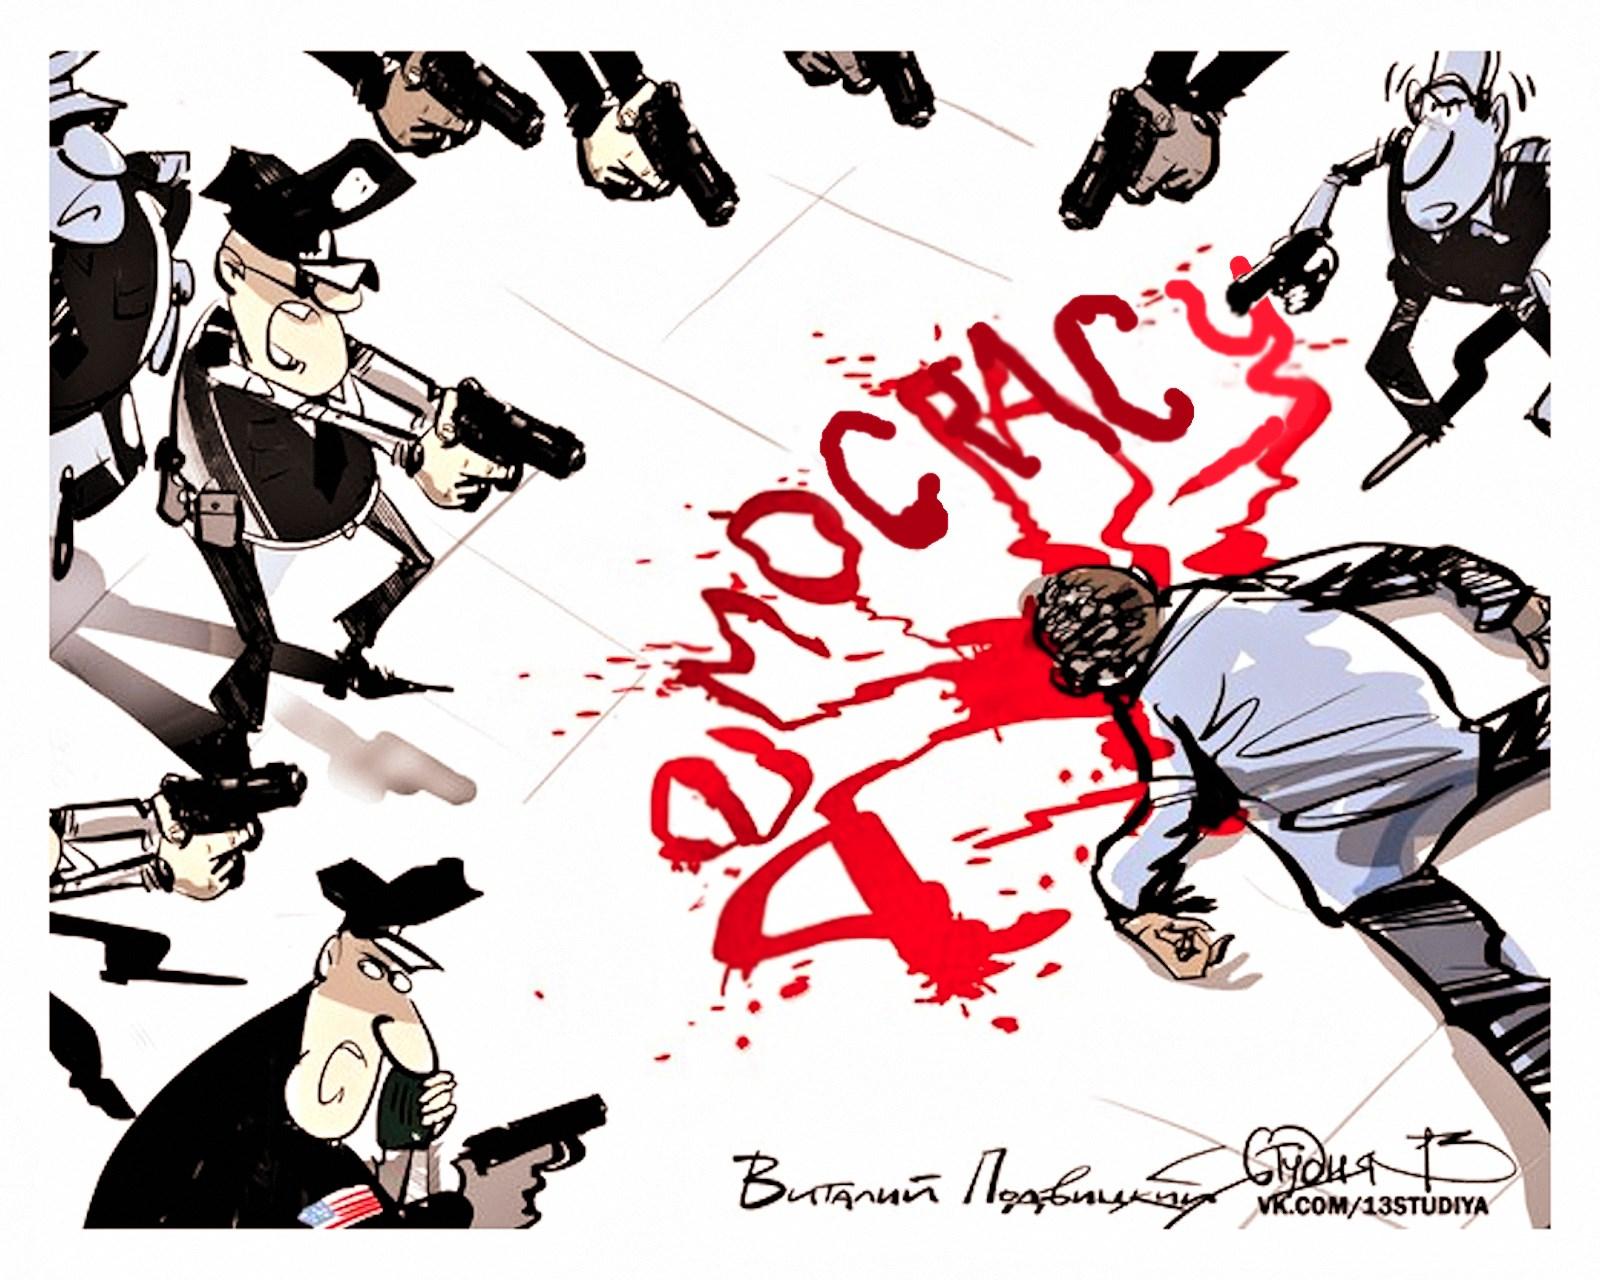 00 Vitaly Podvitsky. American Democracy. 2015